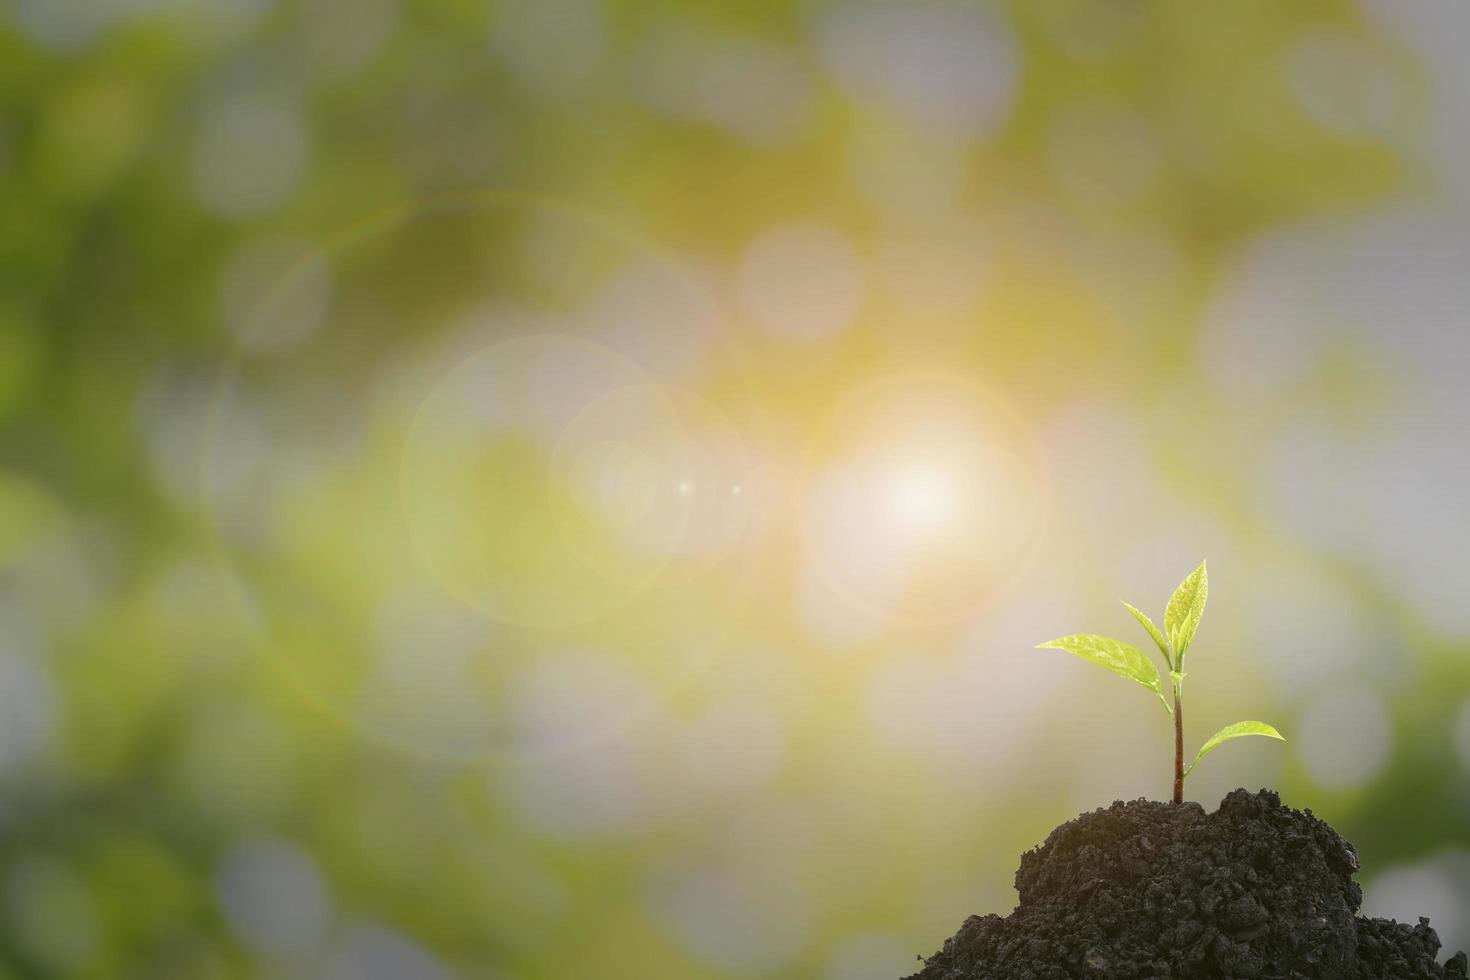 planta av ett träd som kommer från en hög med vackert solljus. foto